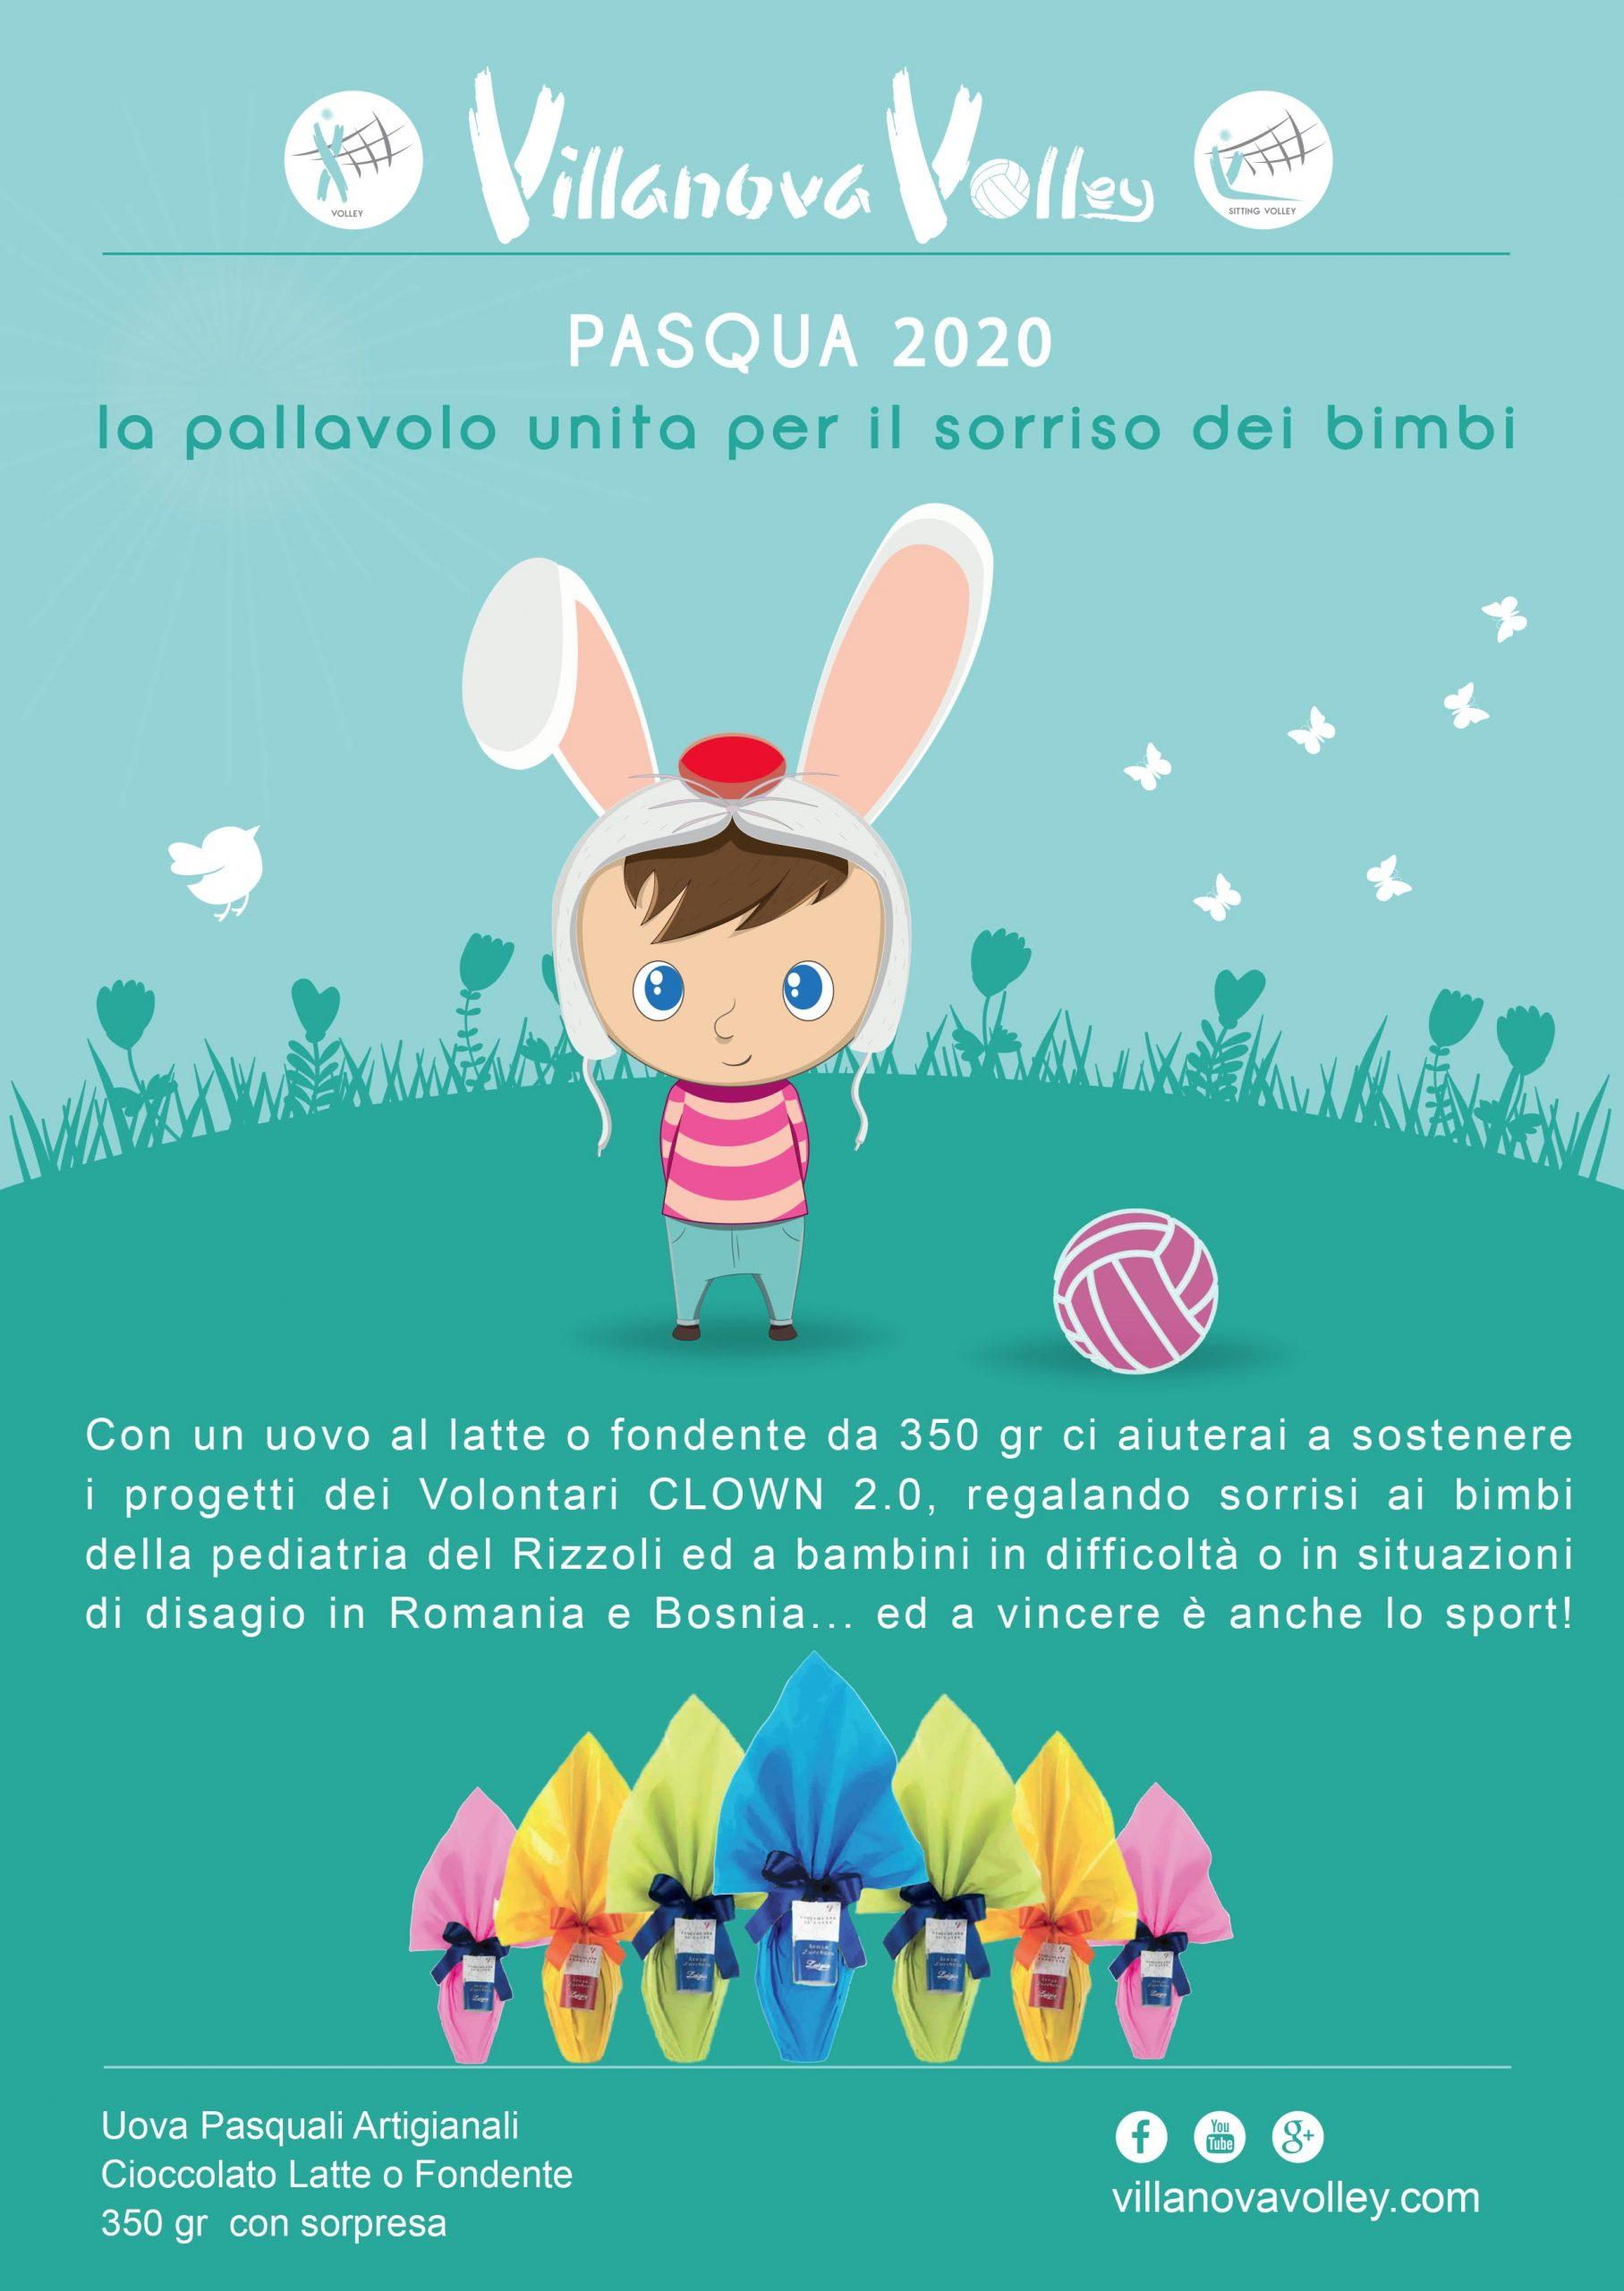 Campagna Di Pasqua 2020 A Favore Dei Clown 2.0 Per Bambini In Difficoltà E Di Disagio